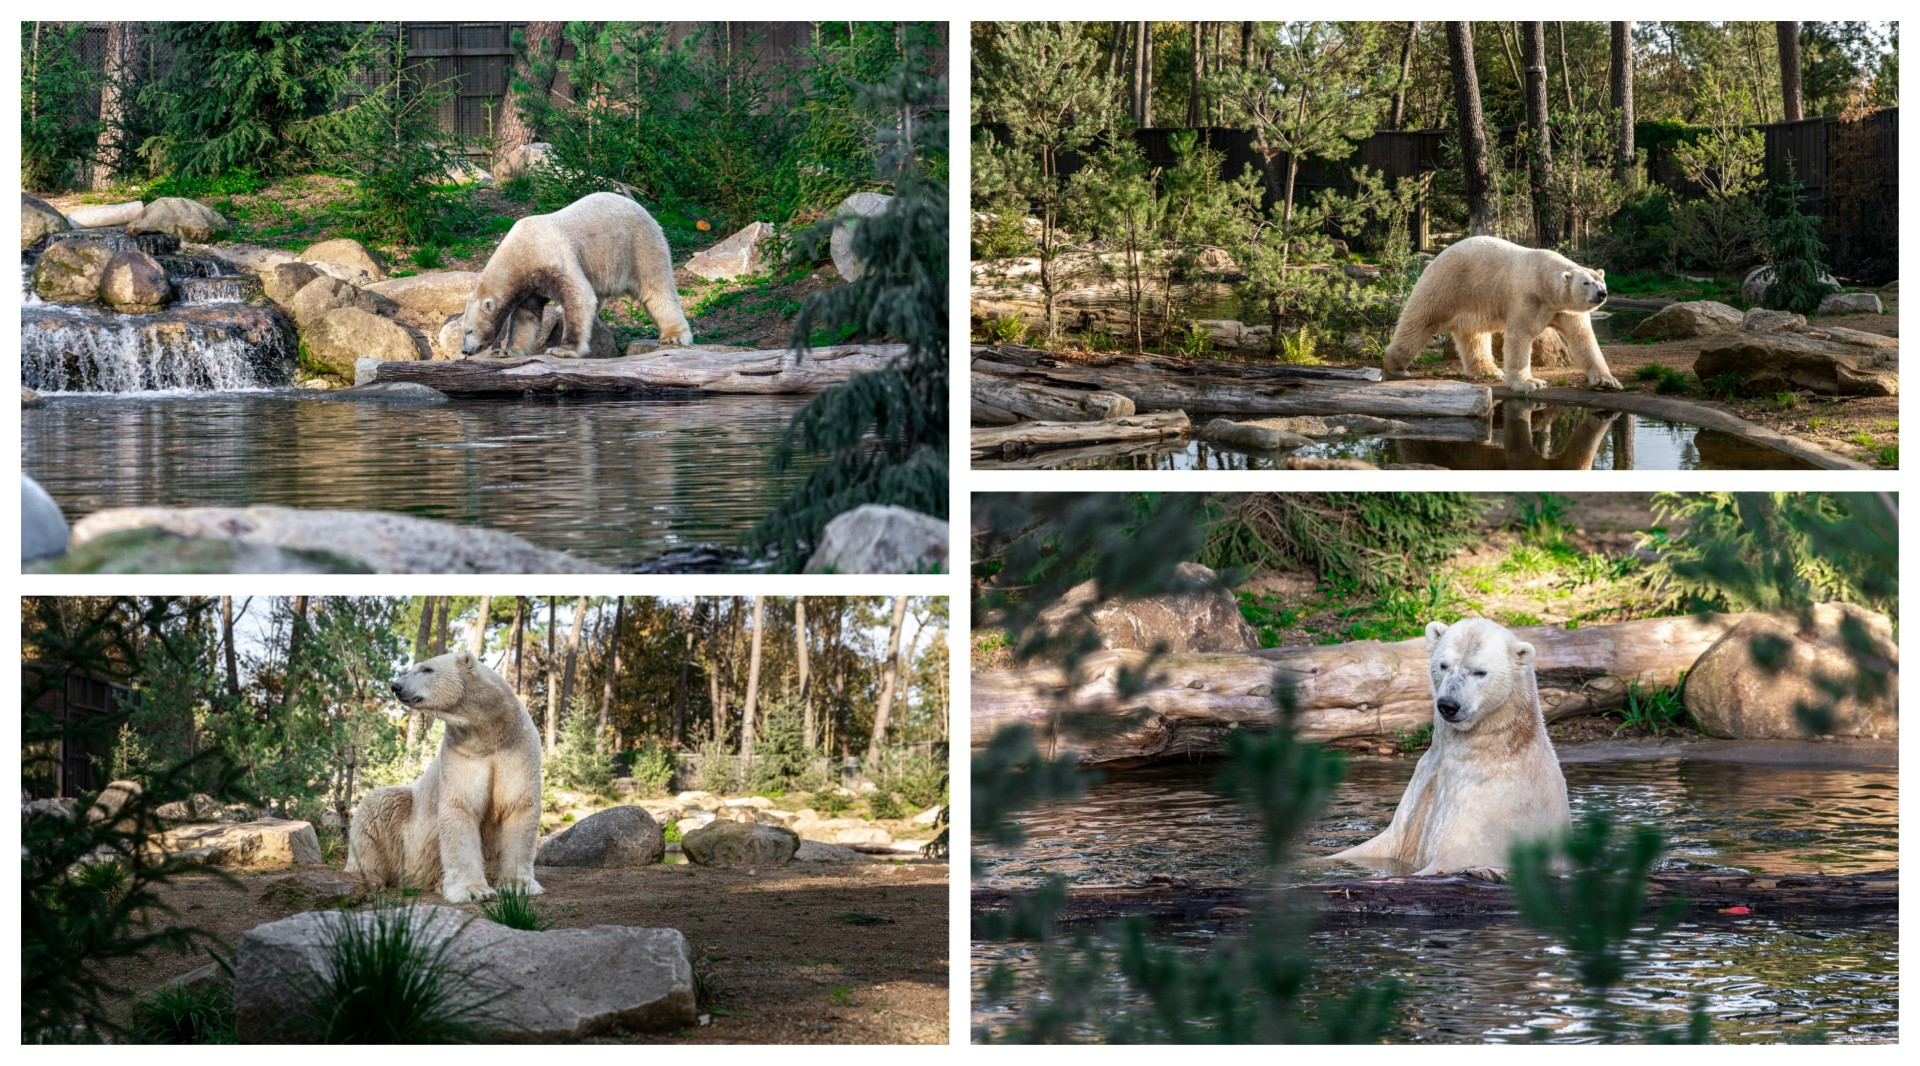 La Vallée du Loir - Ink Lodge - Zoo de la Flèche - S Le Ludec